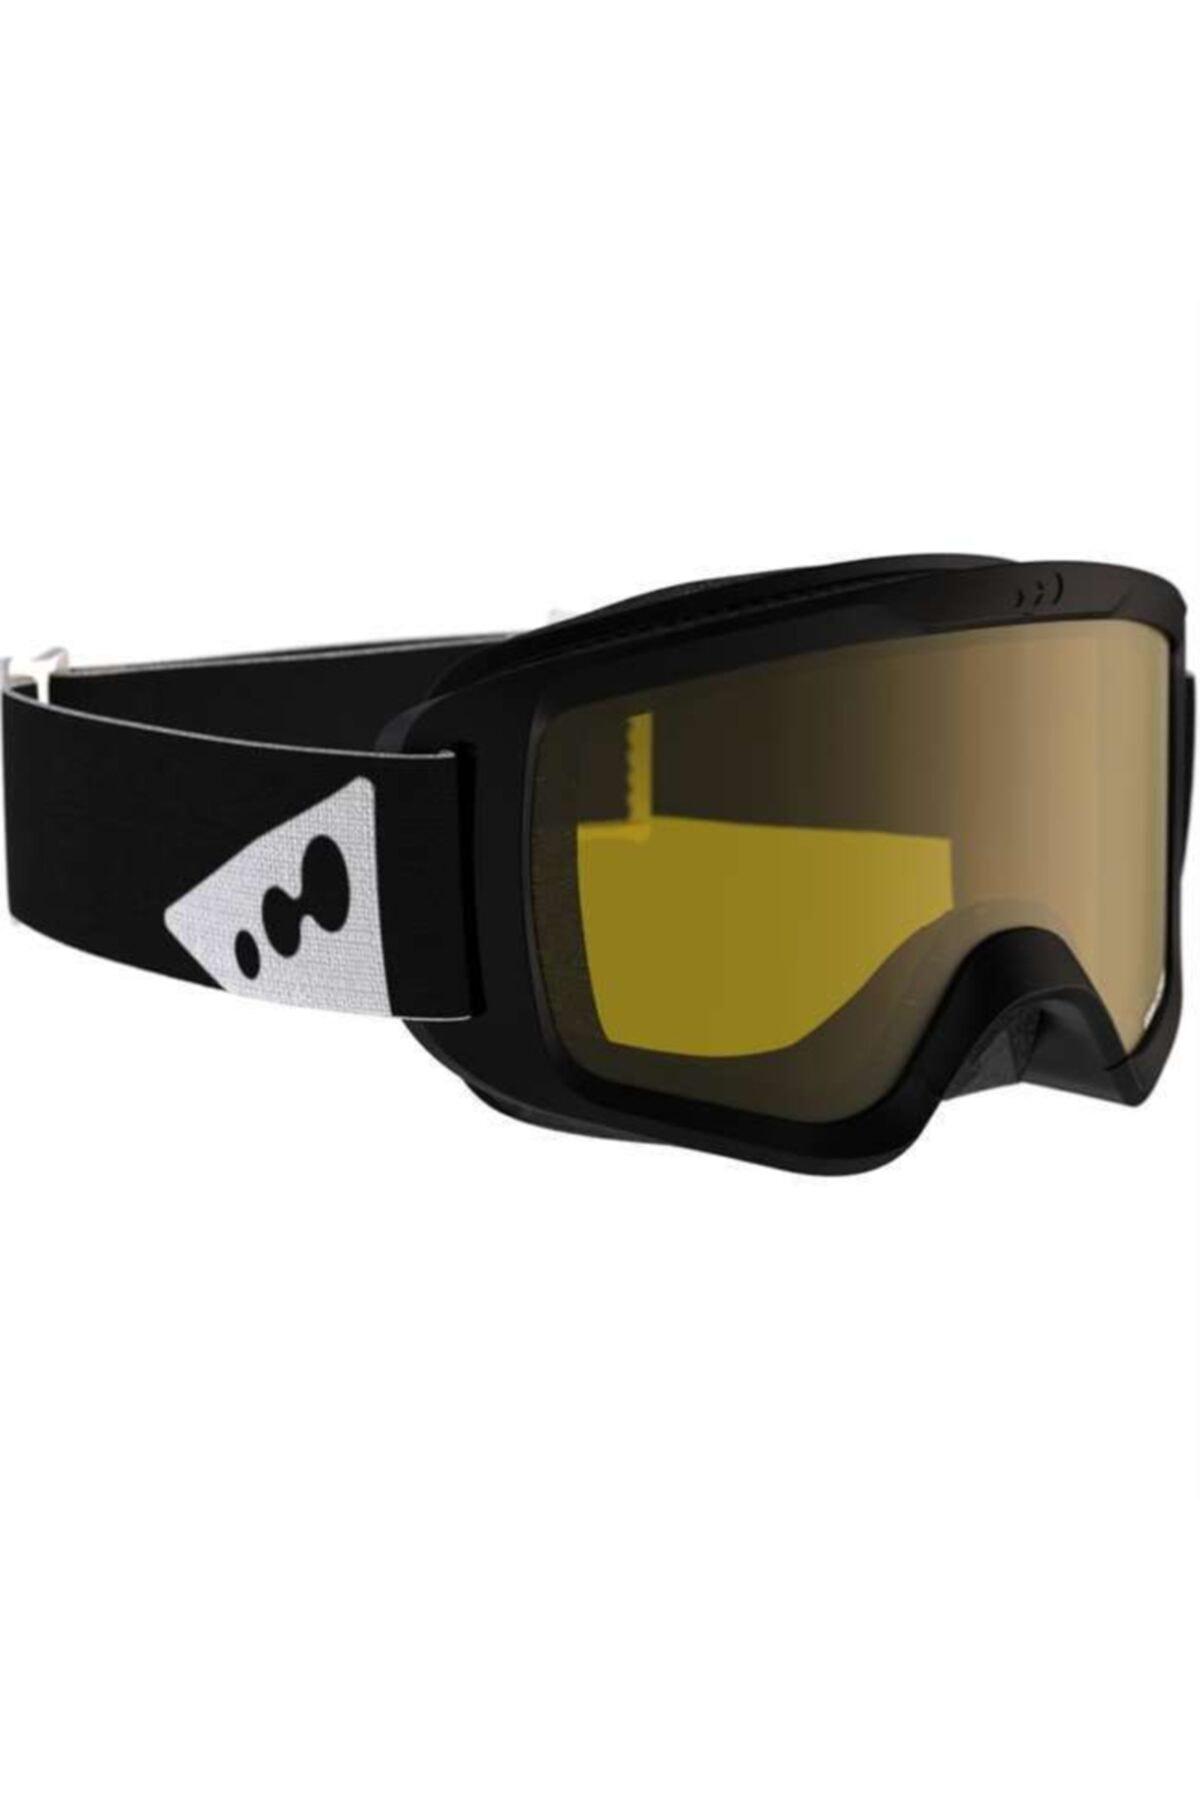 DOGASTR Kayak / Snowboard Gözlüğü - Yetişkin Siyah - Wedze Large Sıze 1